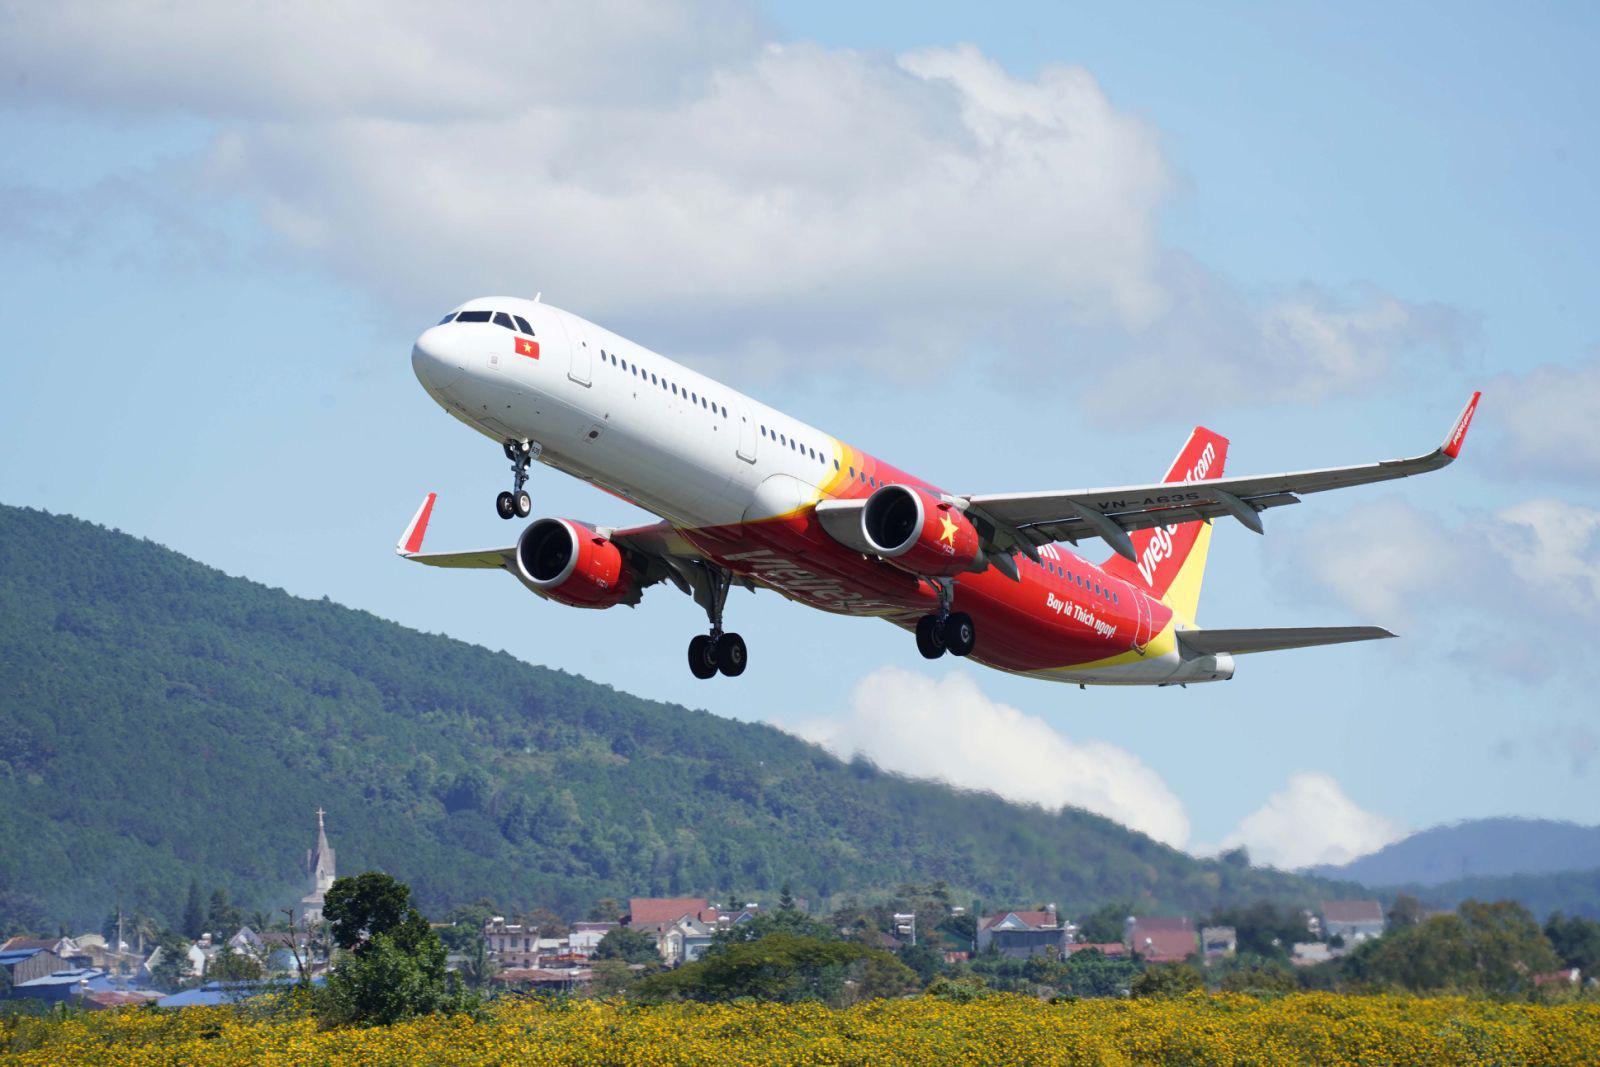 Vé máy bay rẻ, ùn tắc tại sân bay Bộ GTVT làm điều bất ngờ - Ảnh 1.